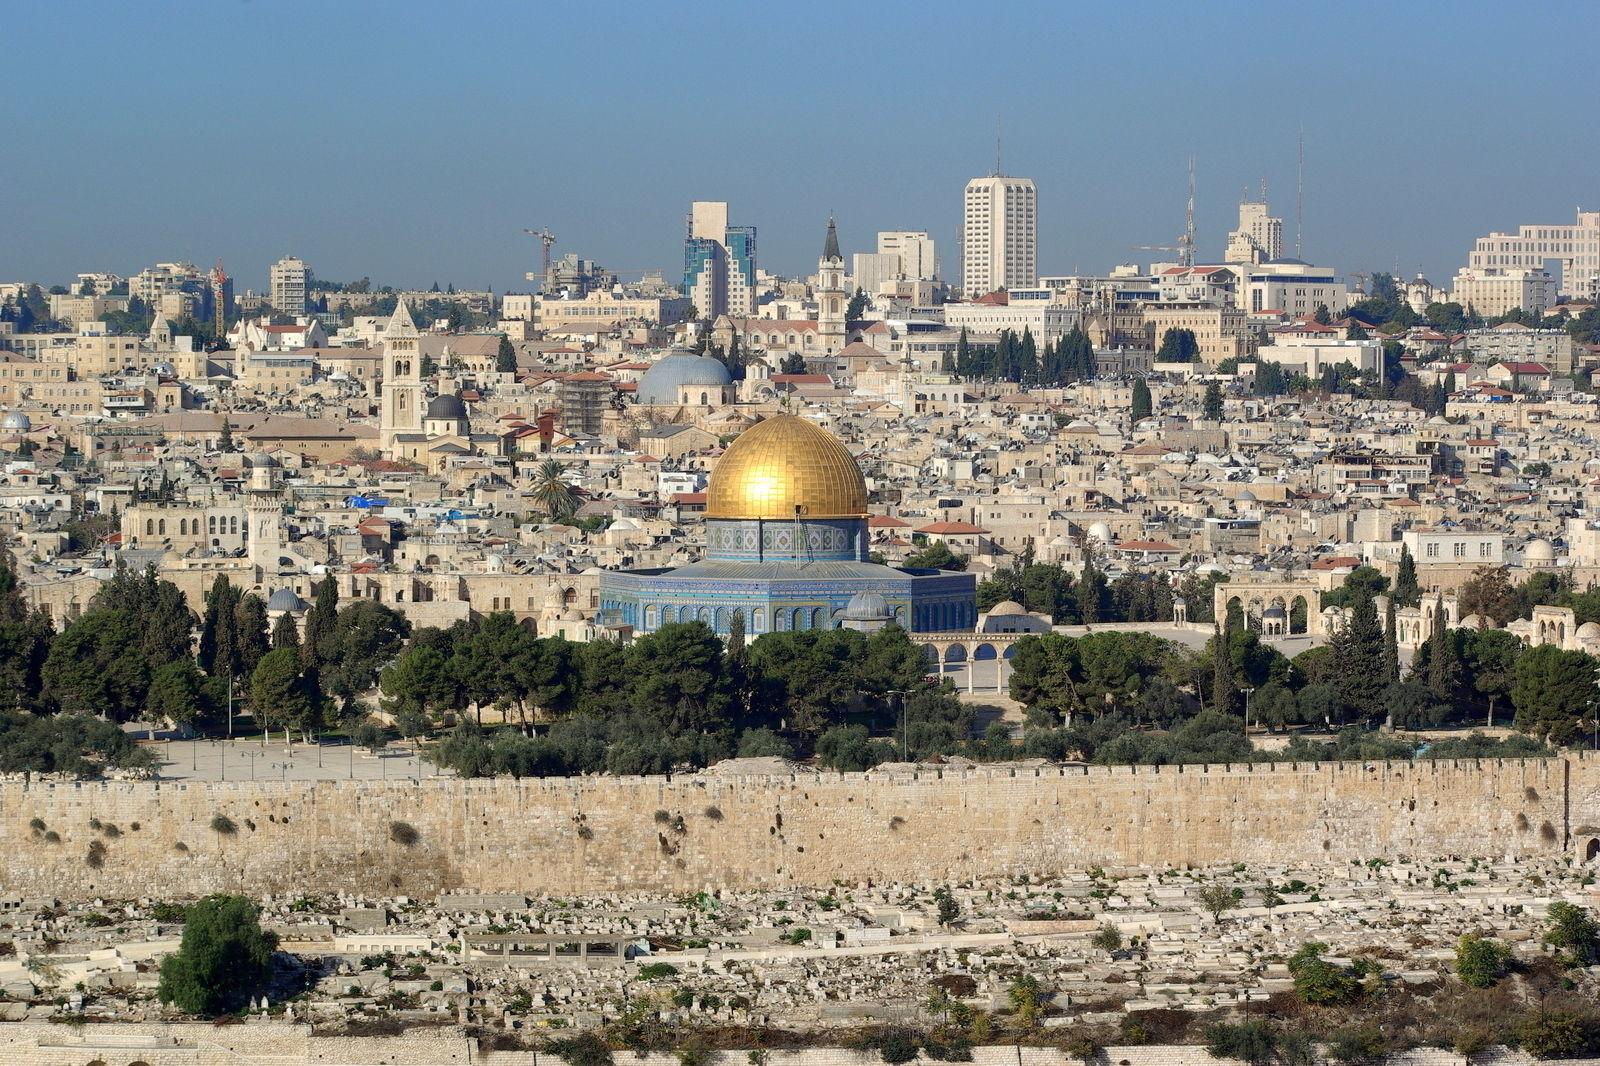 Исламын Улс бүлэг зэвсэгт халдлагаа Израйль улс руу чиглүүлэхээр болсныг зарлажээ